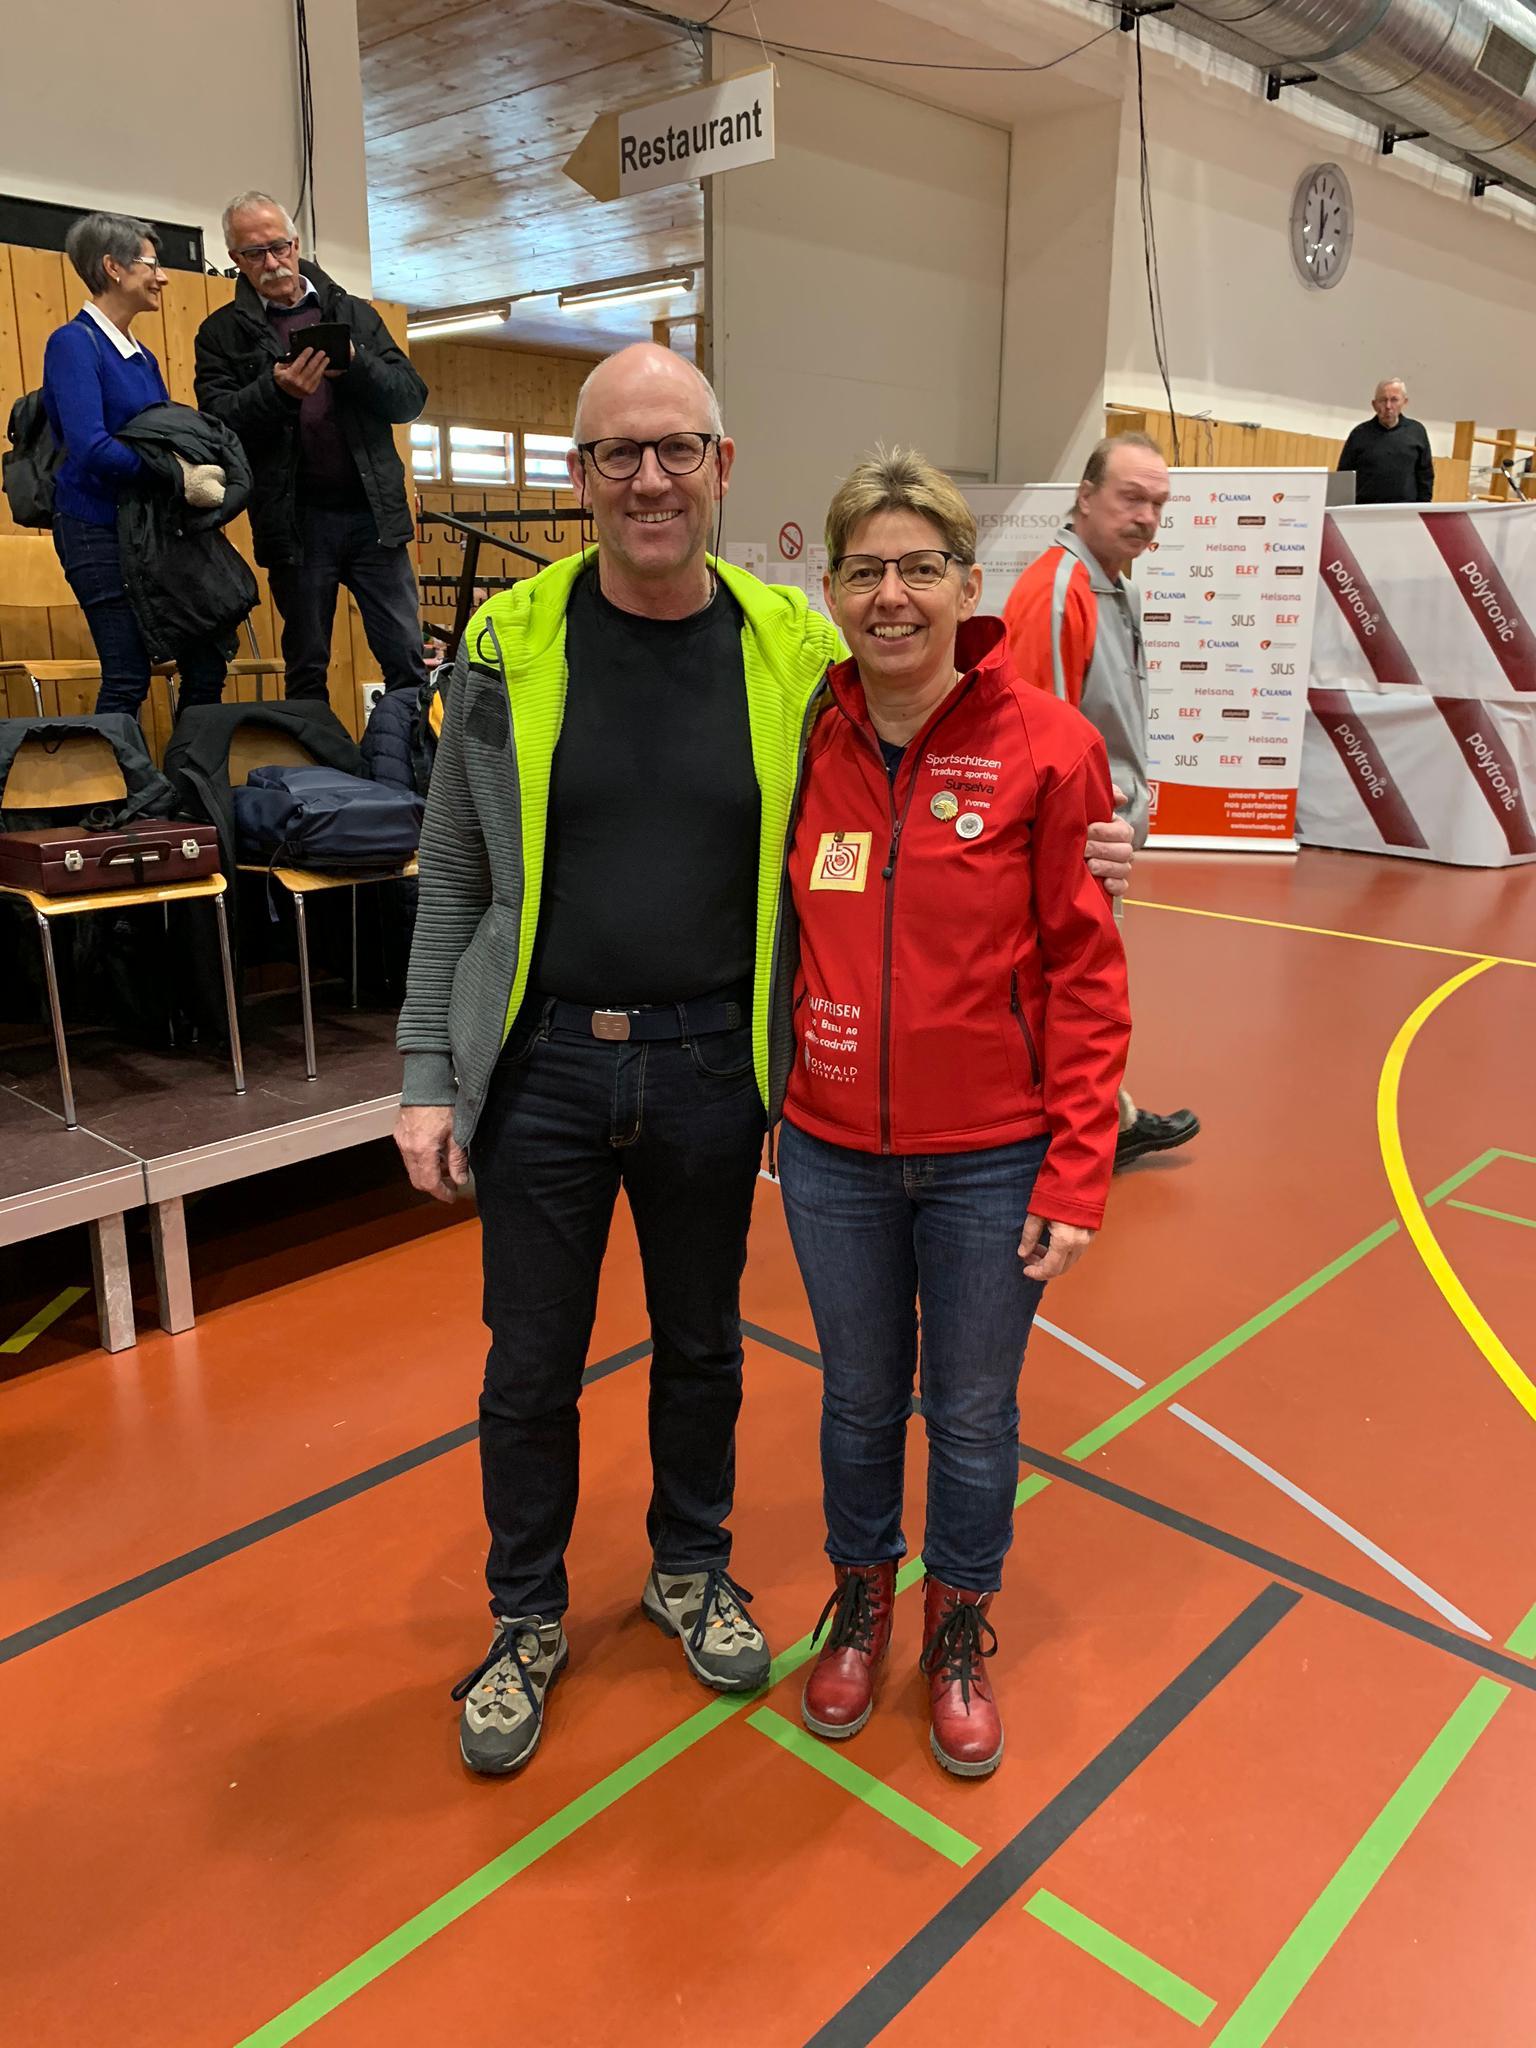 Schweizer Meisterschaft  Auflageschiessen 2020 Wachablösung 4. Rang  mit neuem Schweizermeister Alex Rota